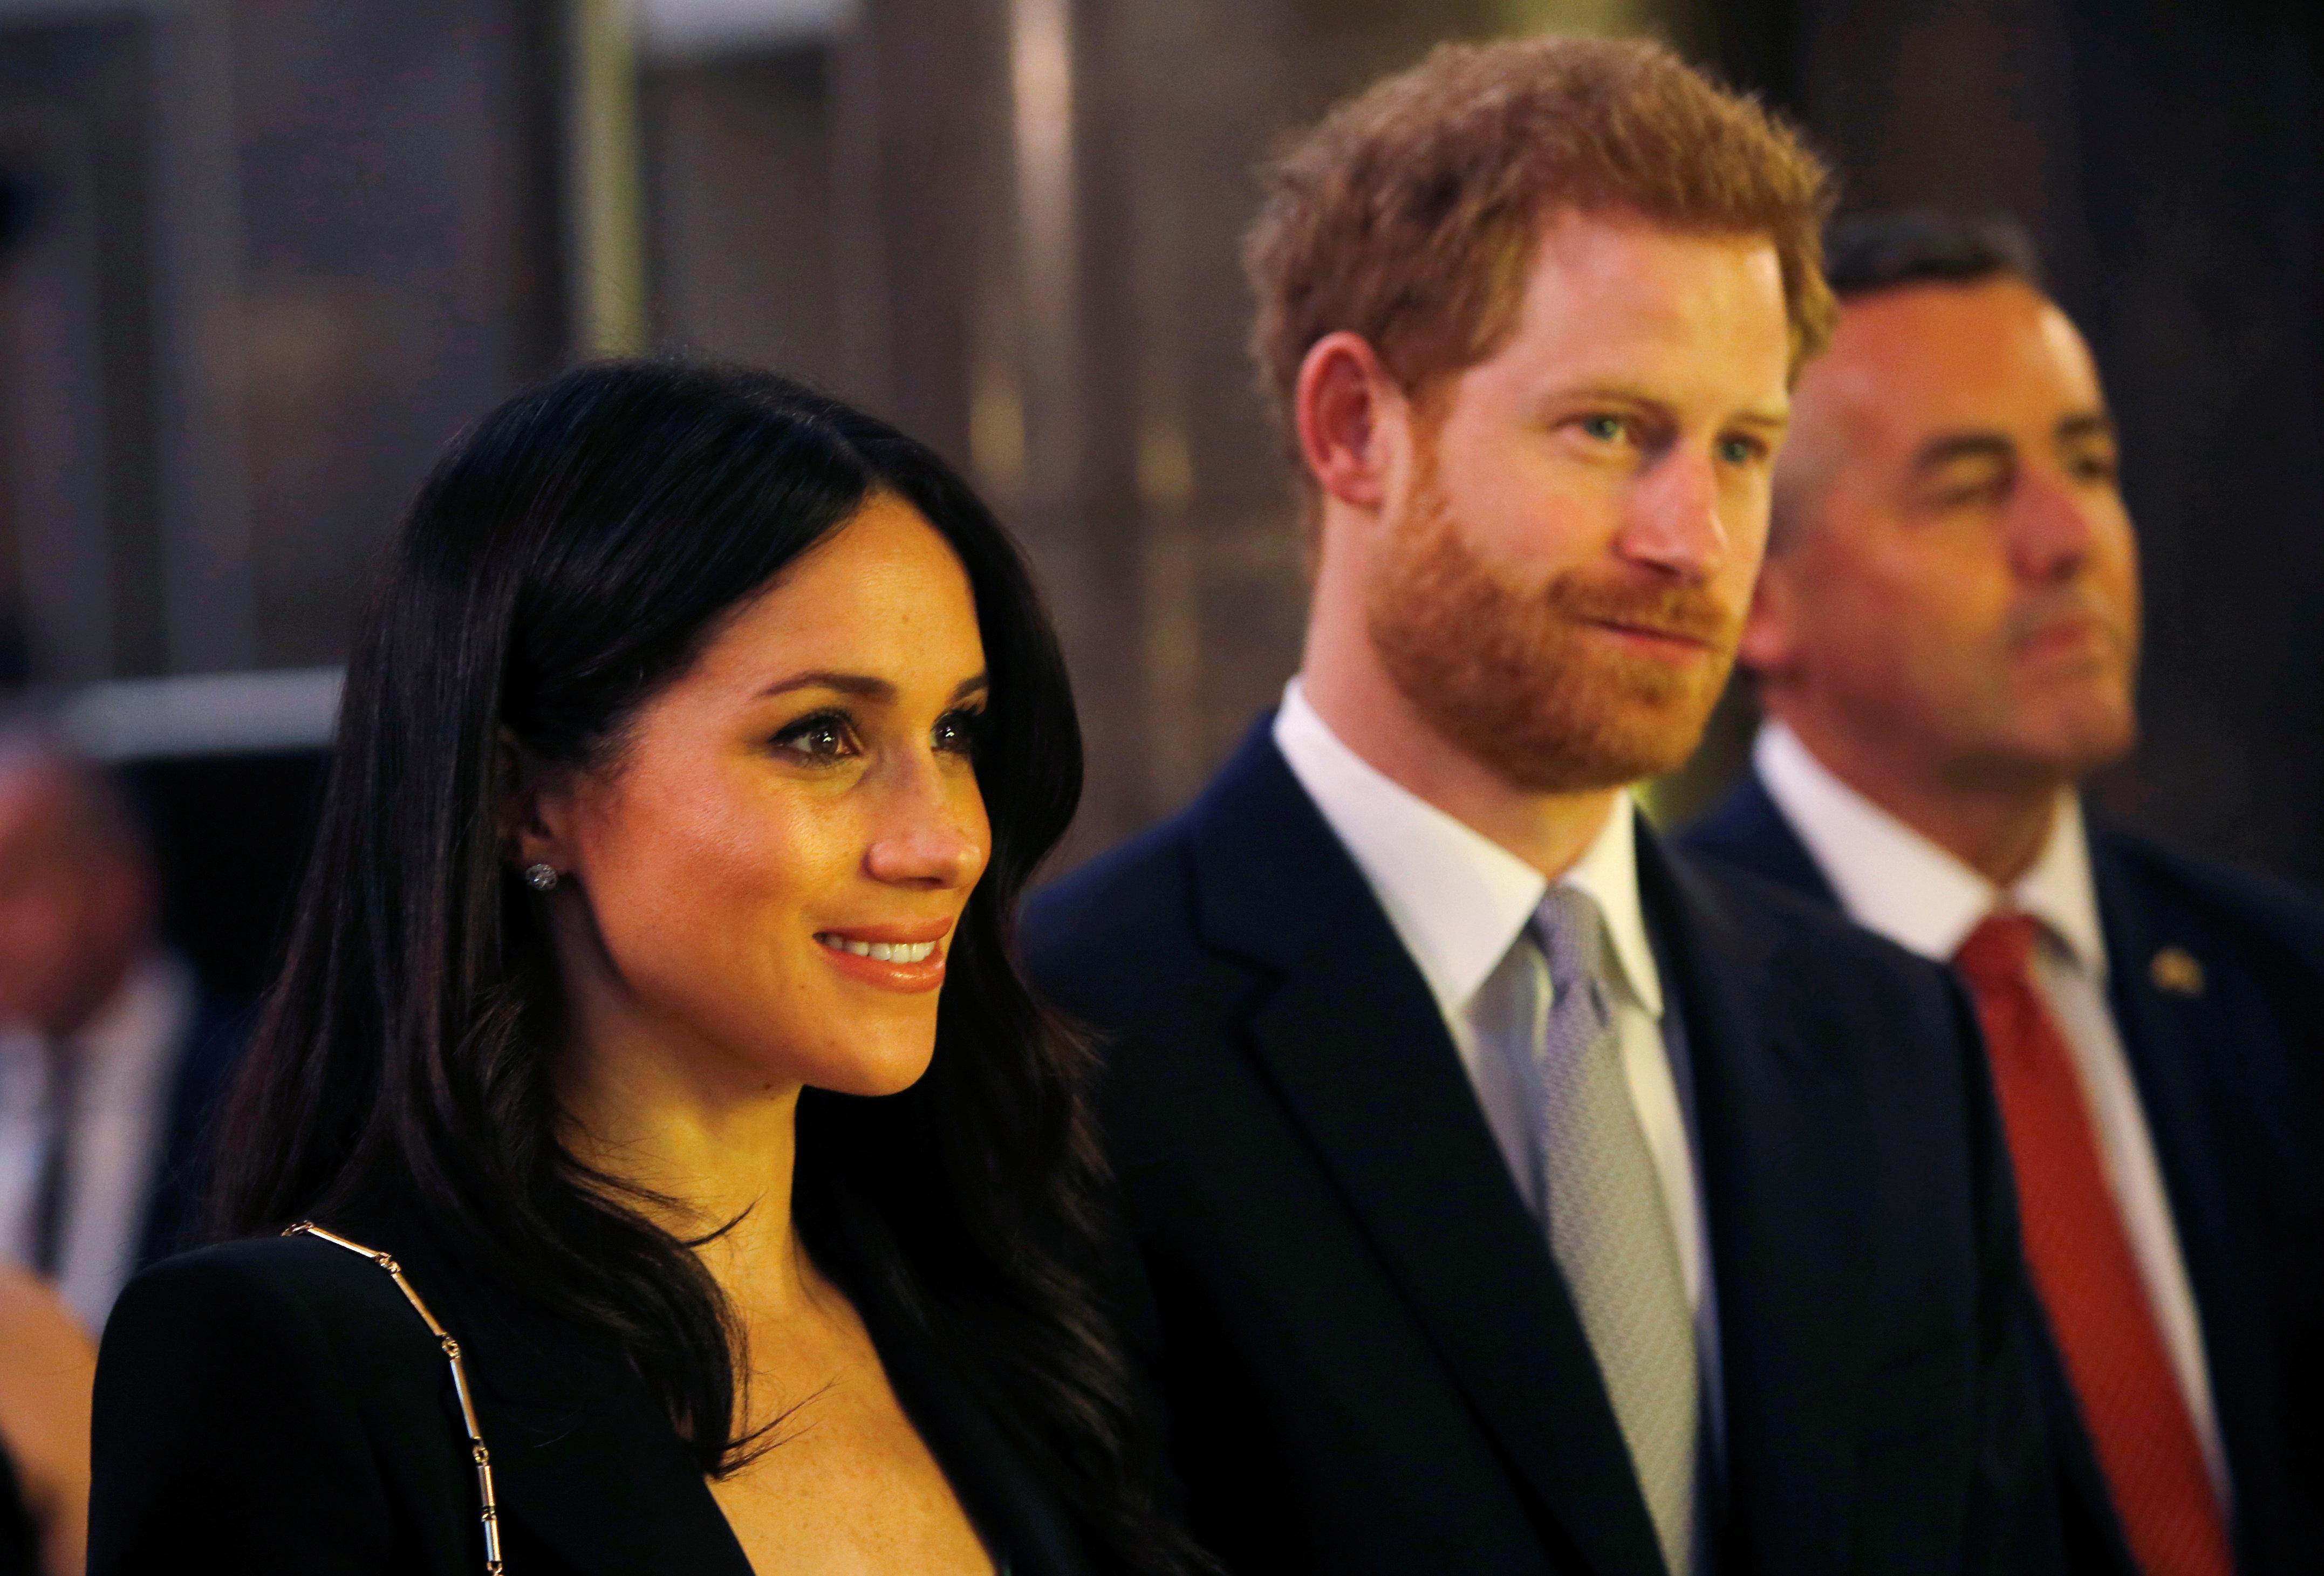 Αυτή είναι η γαμήλια παράδοση που ο πρίγκιπας Harry θα τηρήσει...σε αντίθεση με τον πρίγκιπα William